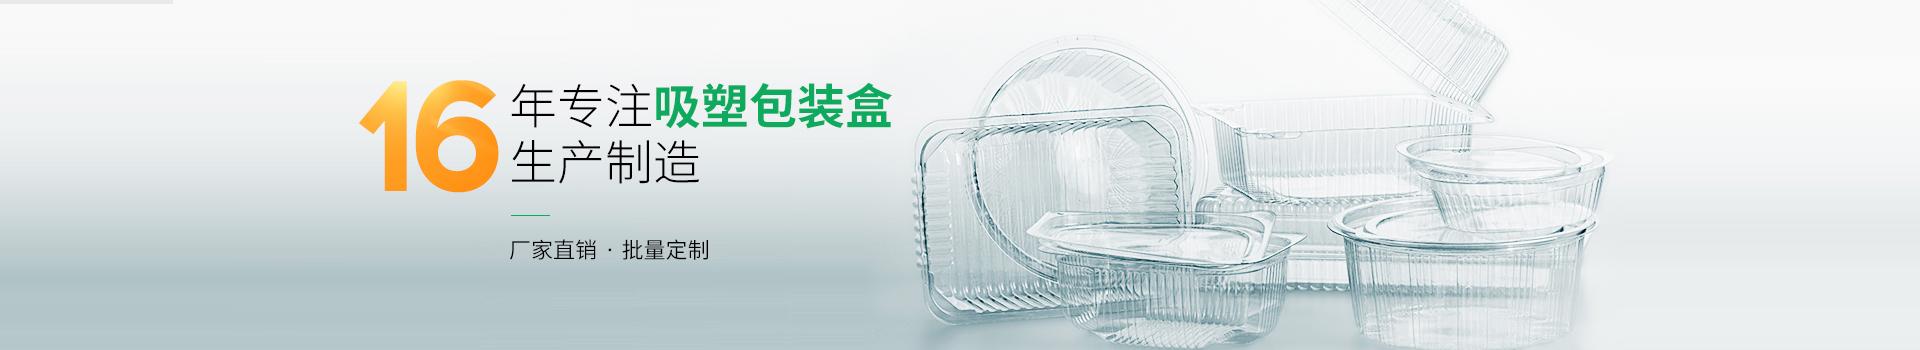 耀达吸塑-16年专注吸塑包装盒生产制造